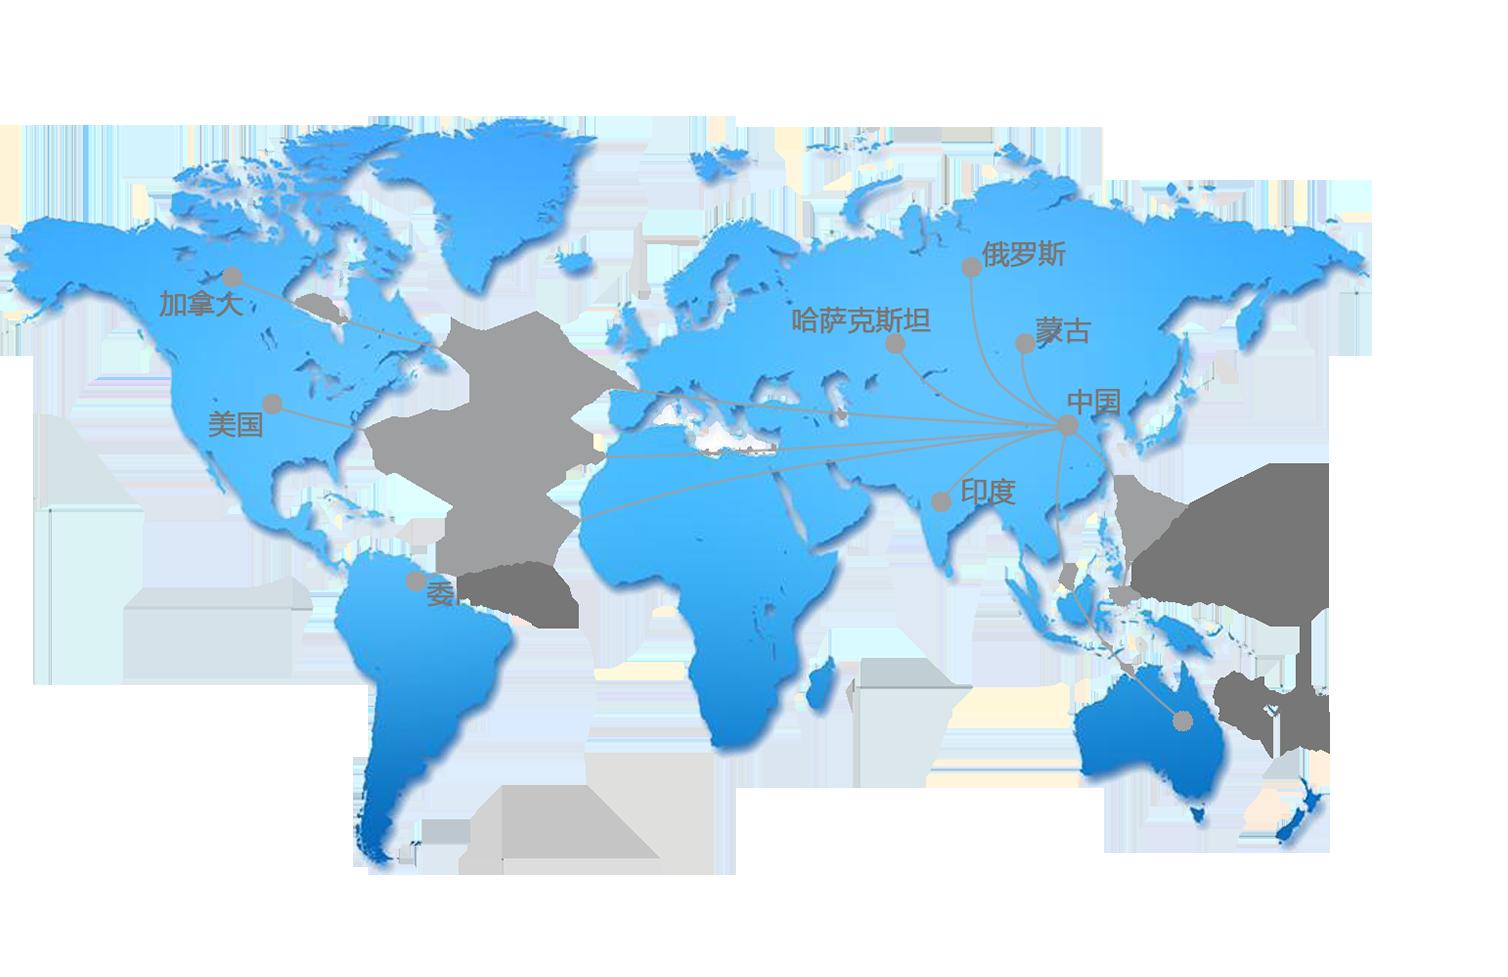 克罗地亚地图_克罗地亚旅游地图中文版 - 世界地图-租租车